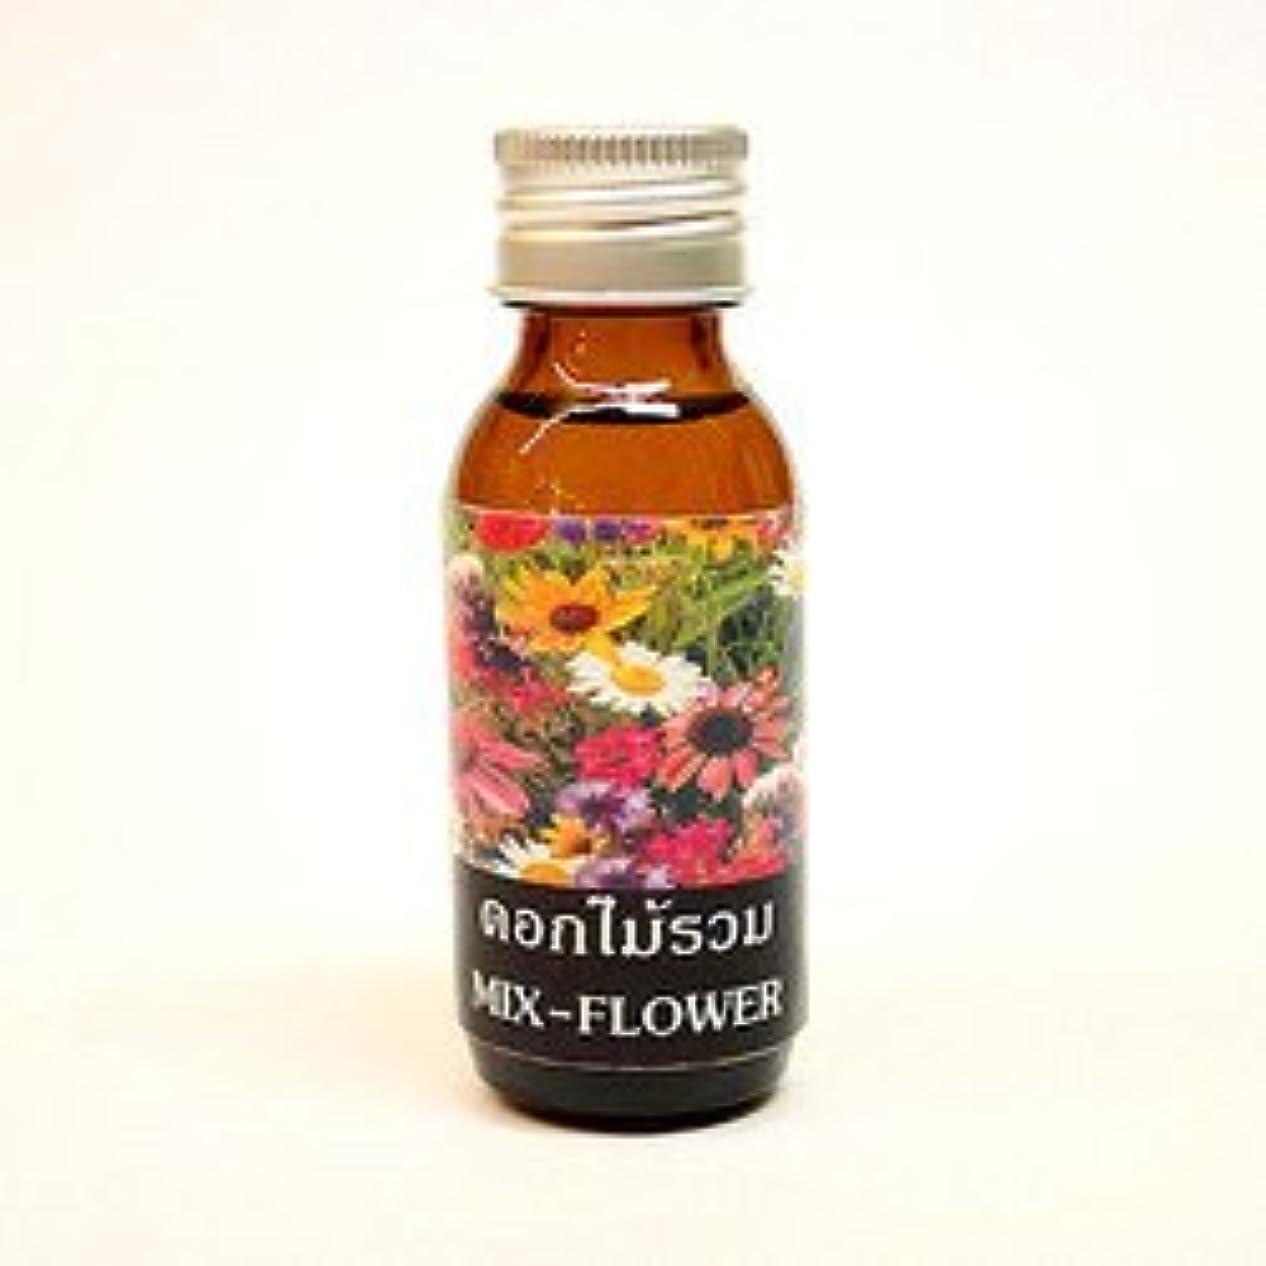 こんにちは熱バンガローミックスフラワー 〔Mix-Flower〕 アロマテラピーオイル 30ml アジアン雑貨